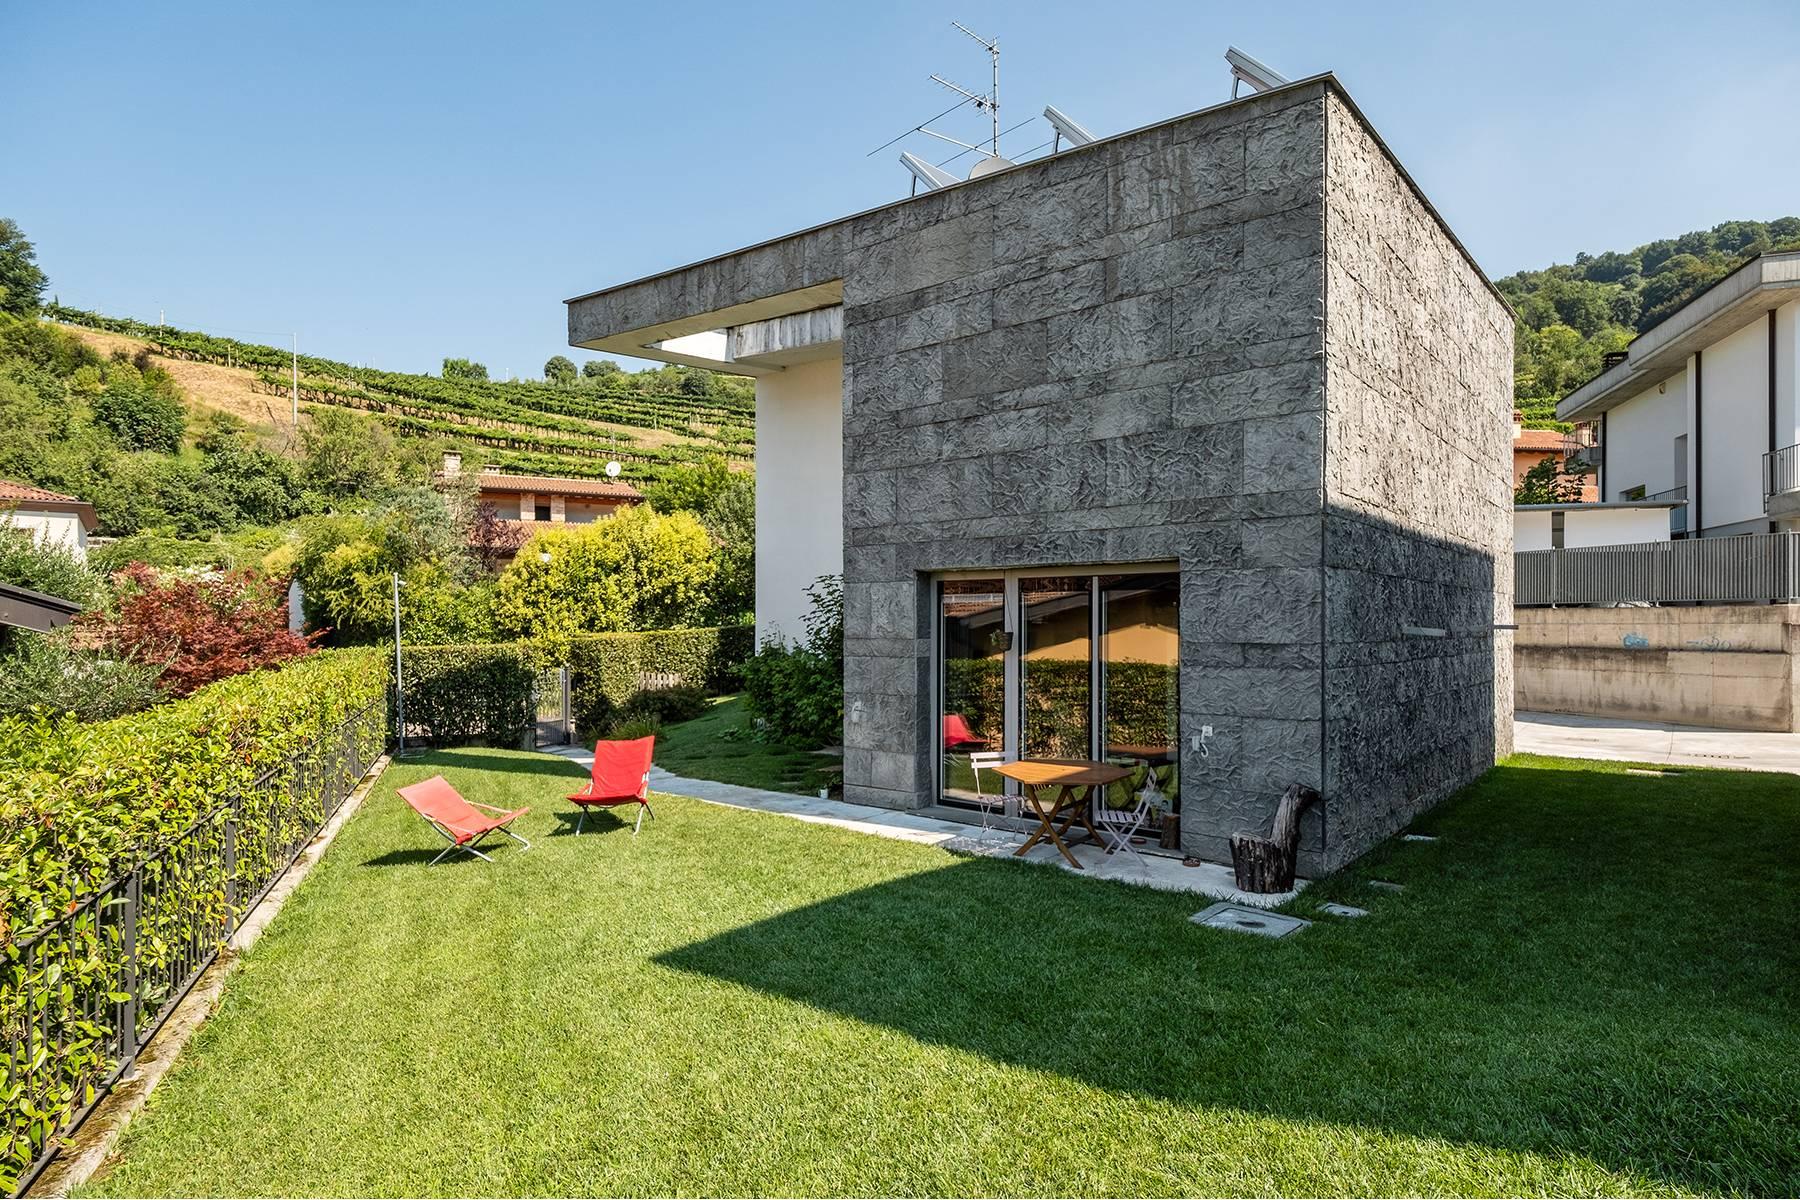 Villa in Vendita a Gussago: 5 locali, 190 mq